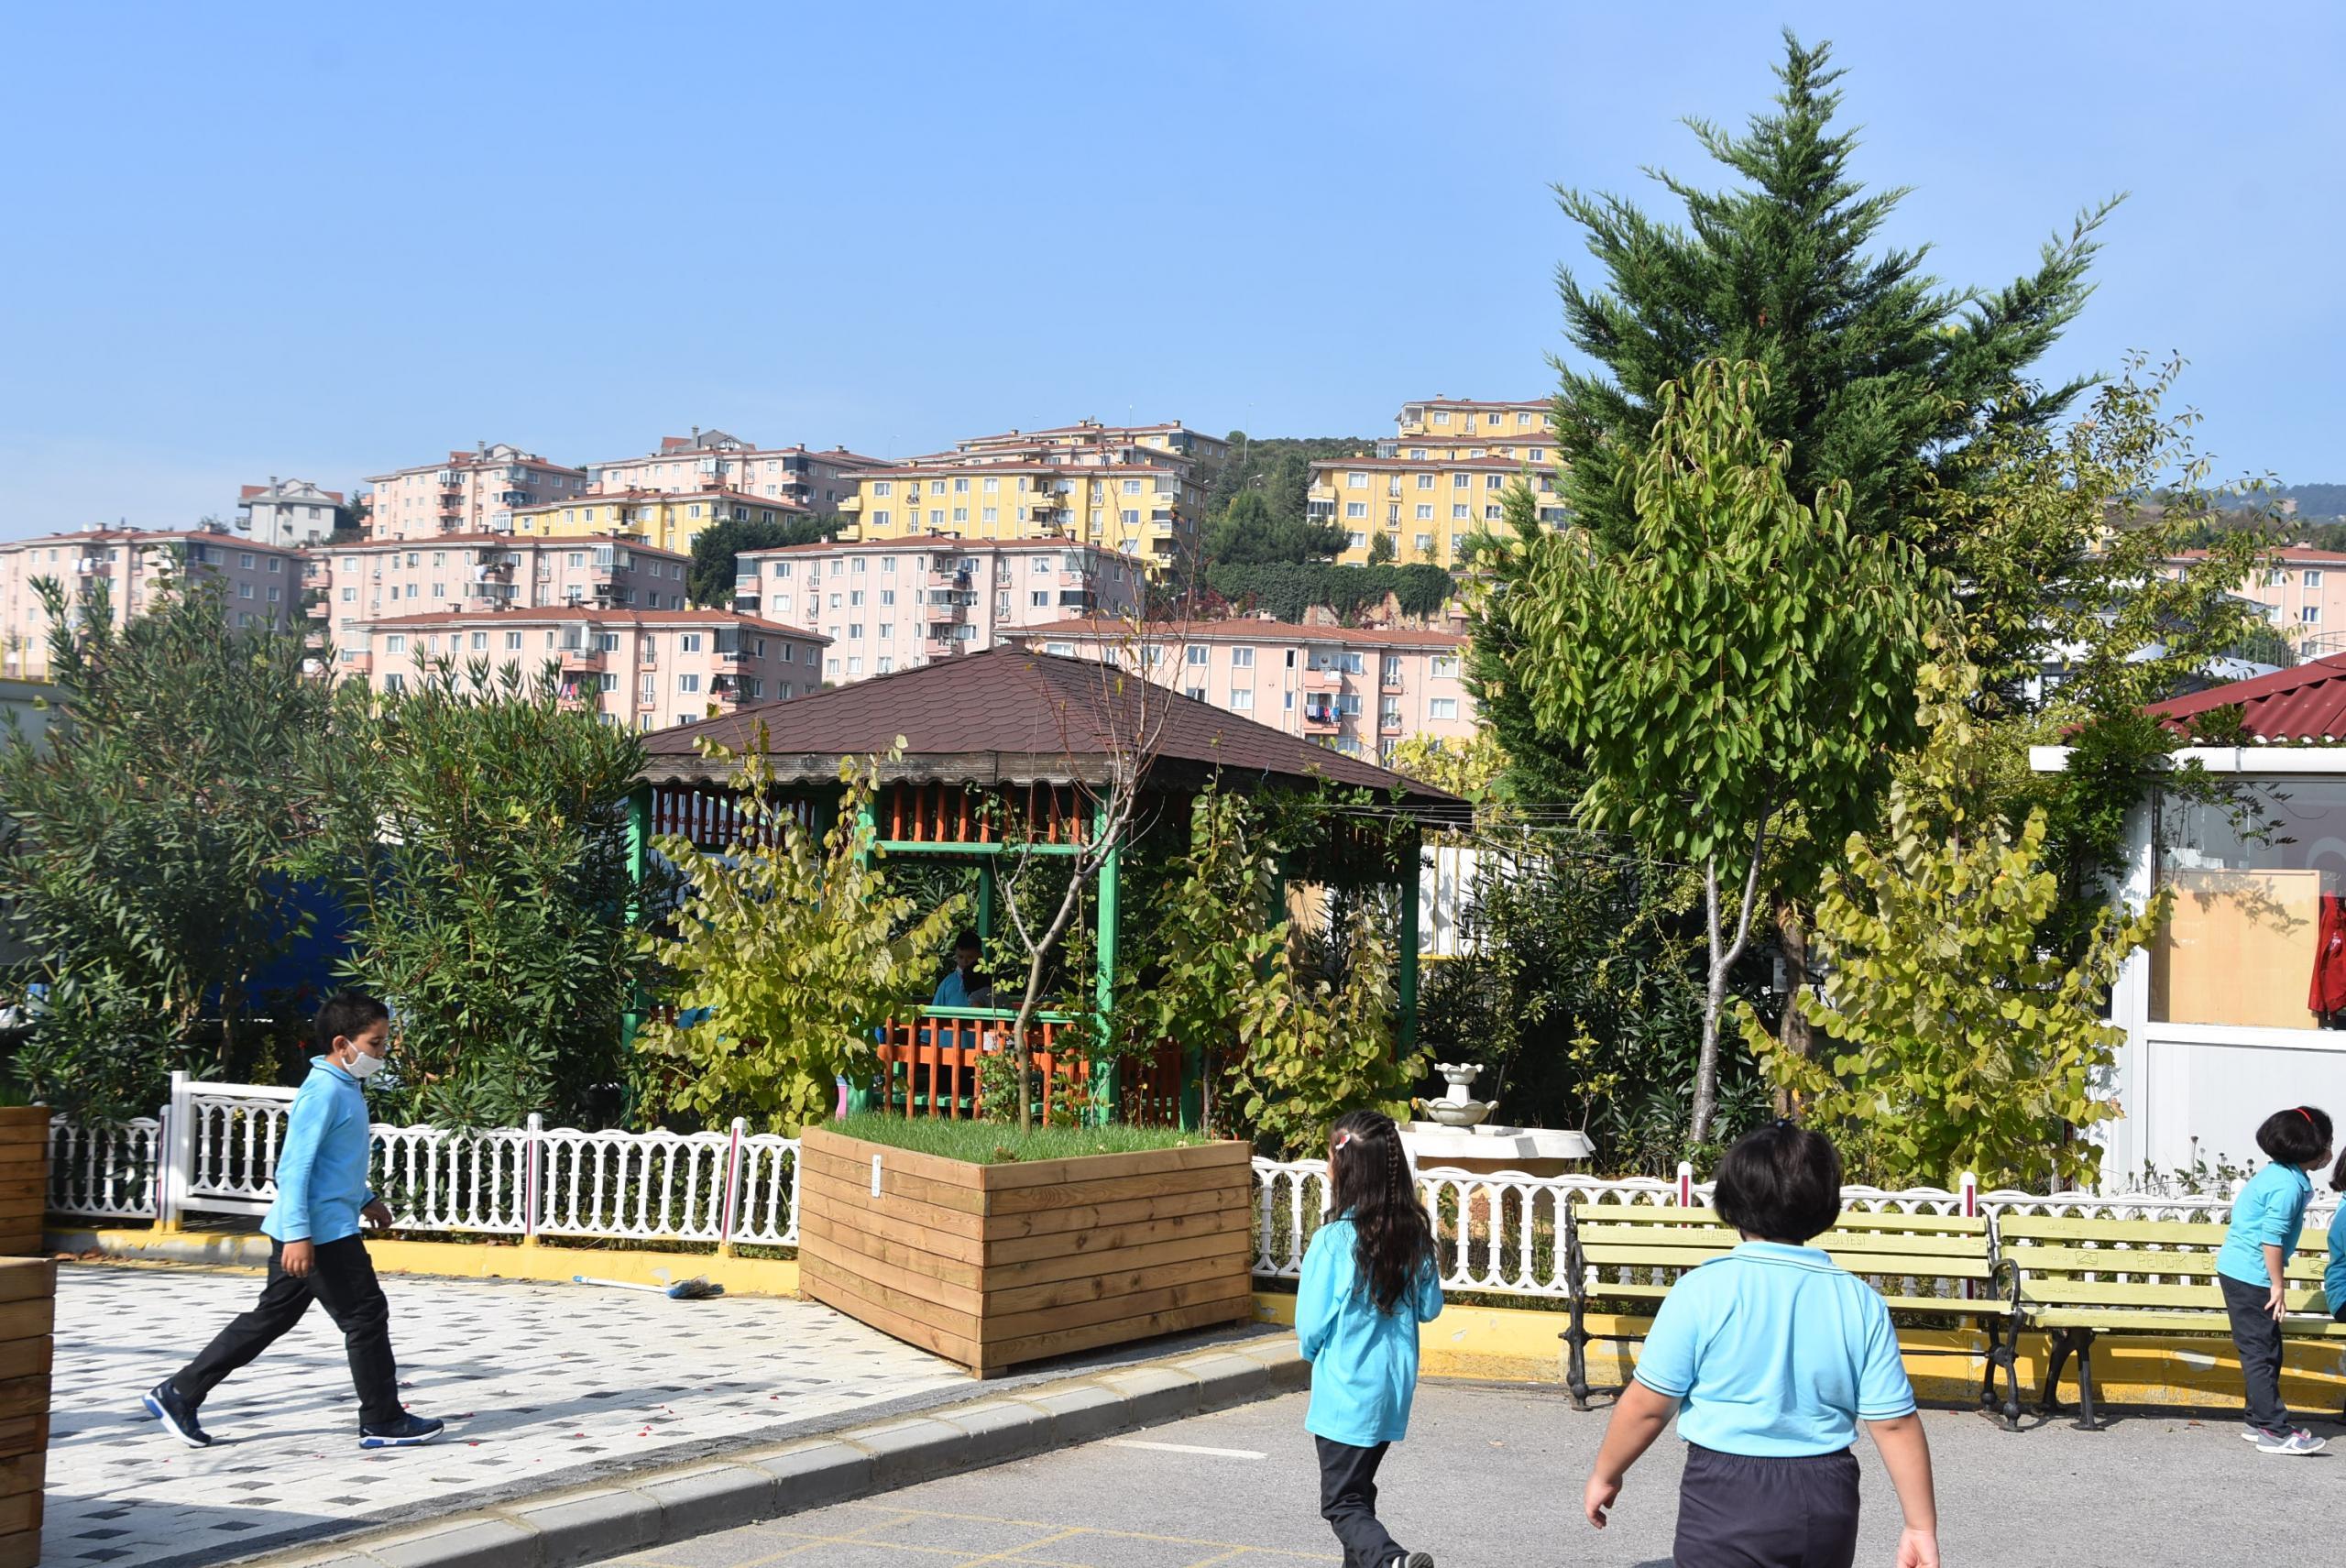 Okullara Meyve Ağacı Köşesi kuruluyor